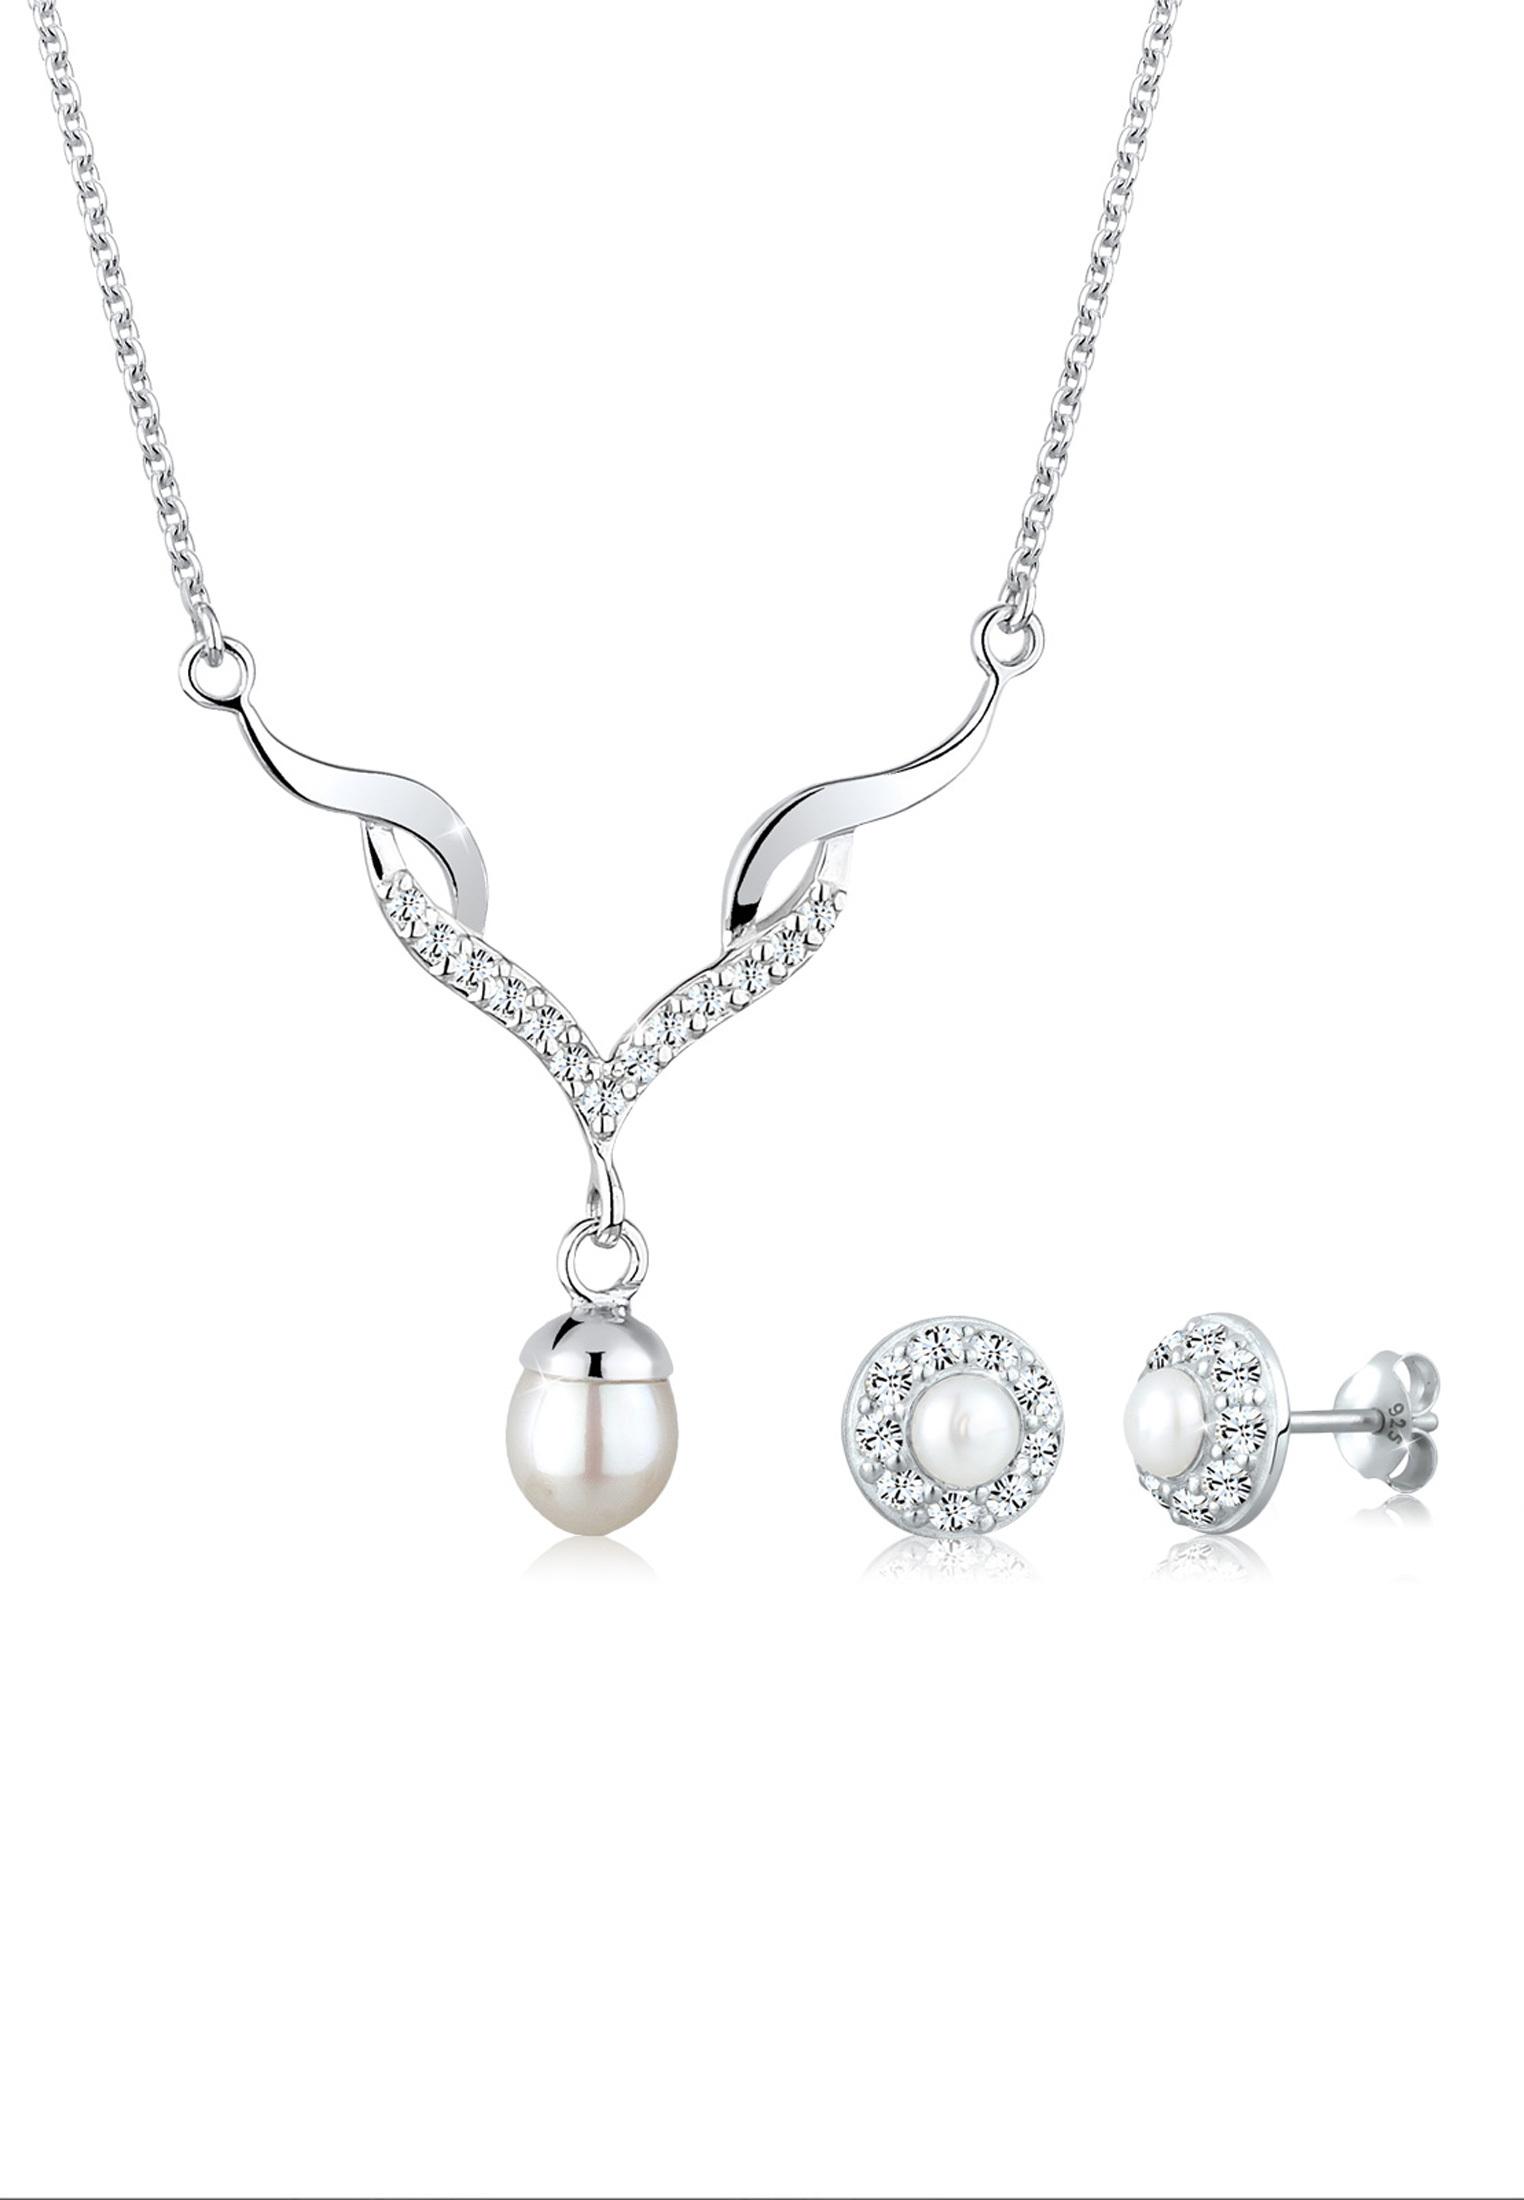 Schmuckset | Süßwasserperle, Kristall ( Weiß ) | 925er Sterling Silber